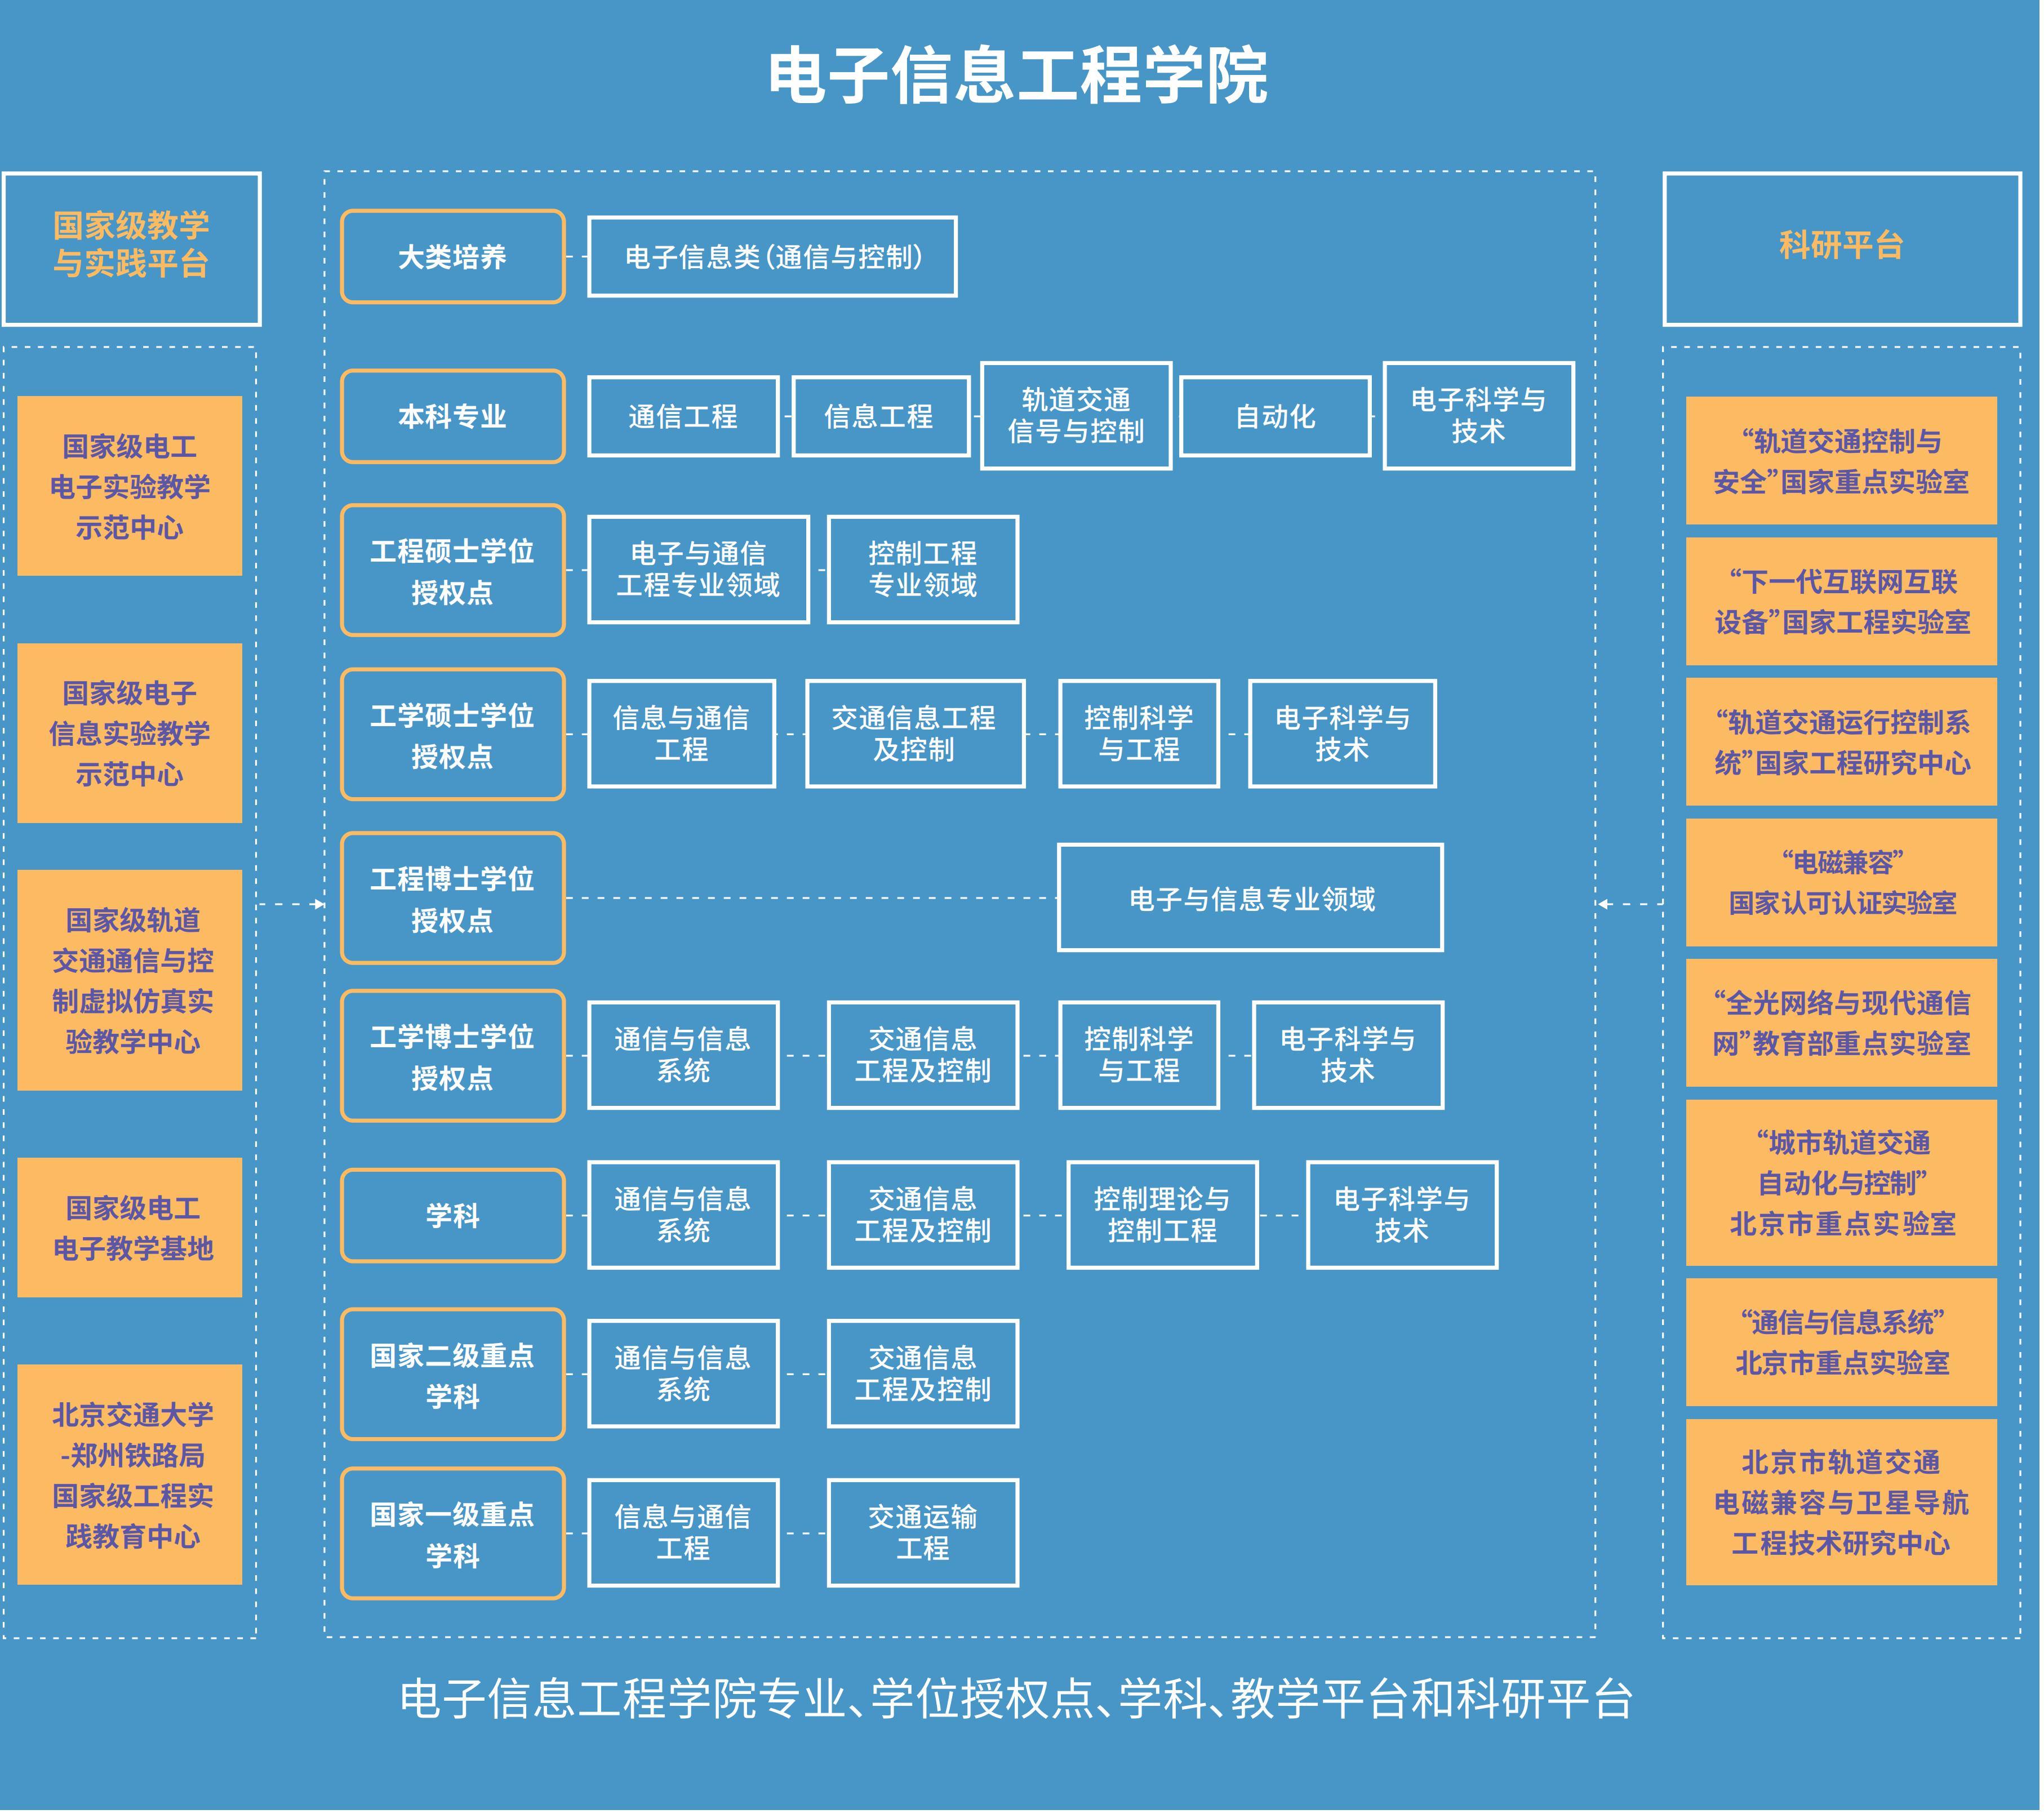 交大框图 7-16_03.jpg